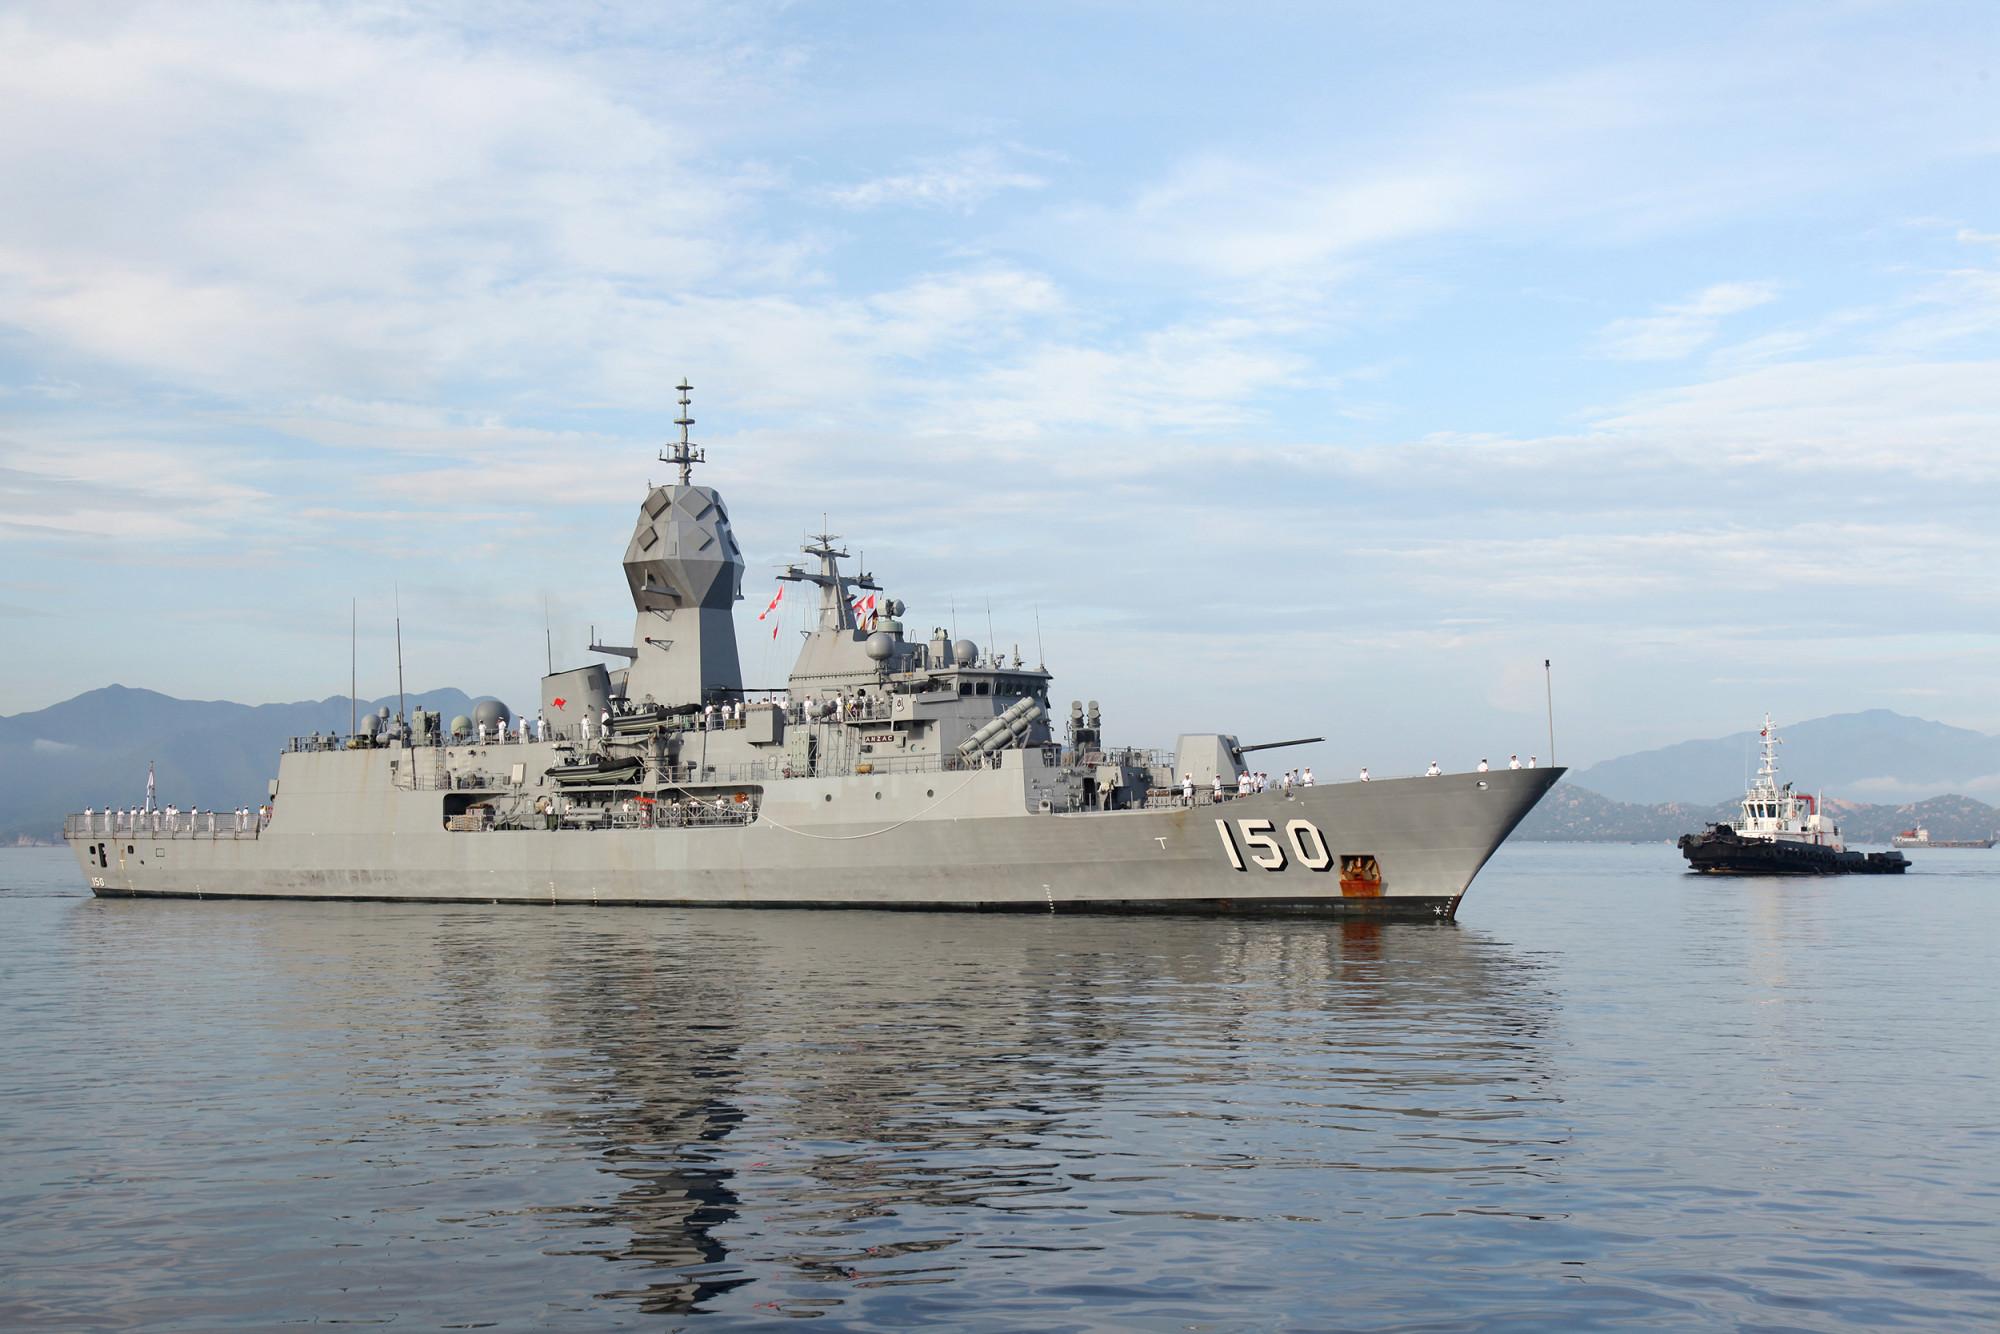 Một trong bốn tàu thuộc IPE21 ngoài khơi Khánh Hòa